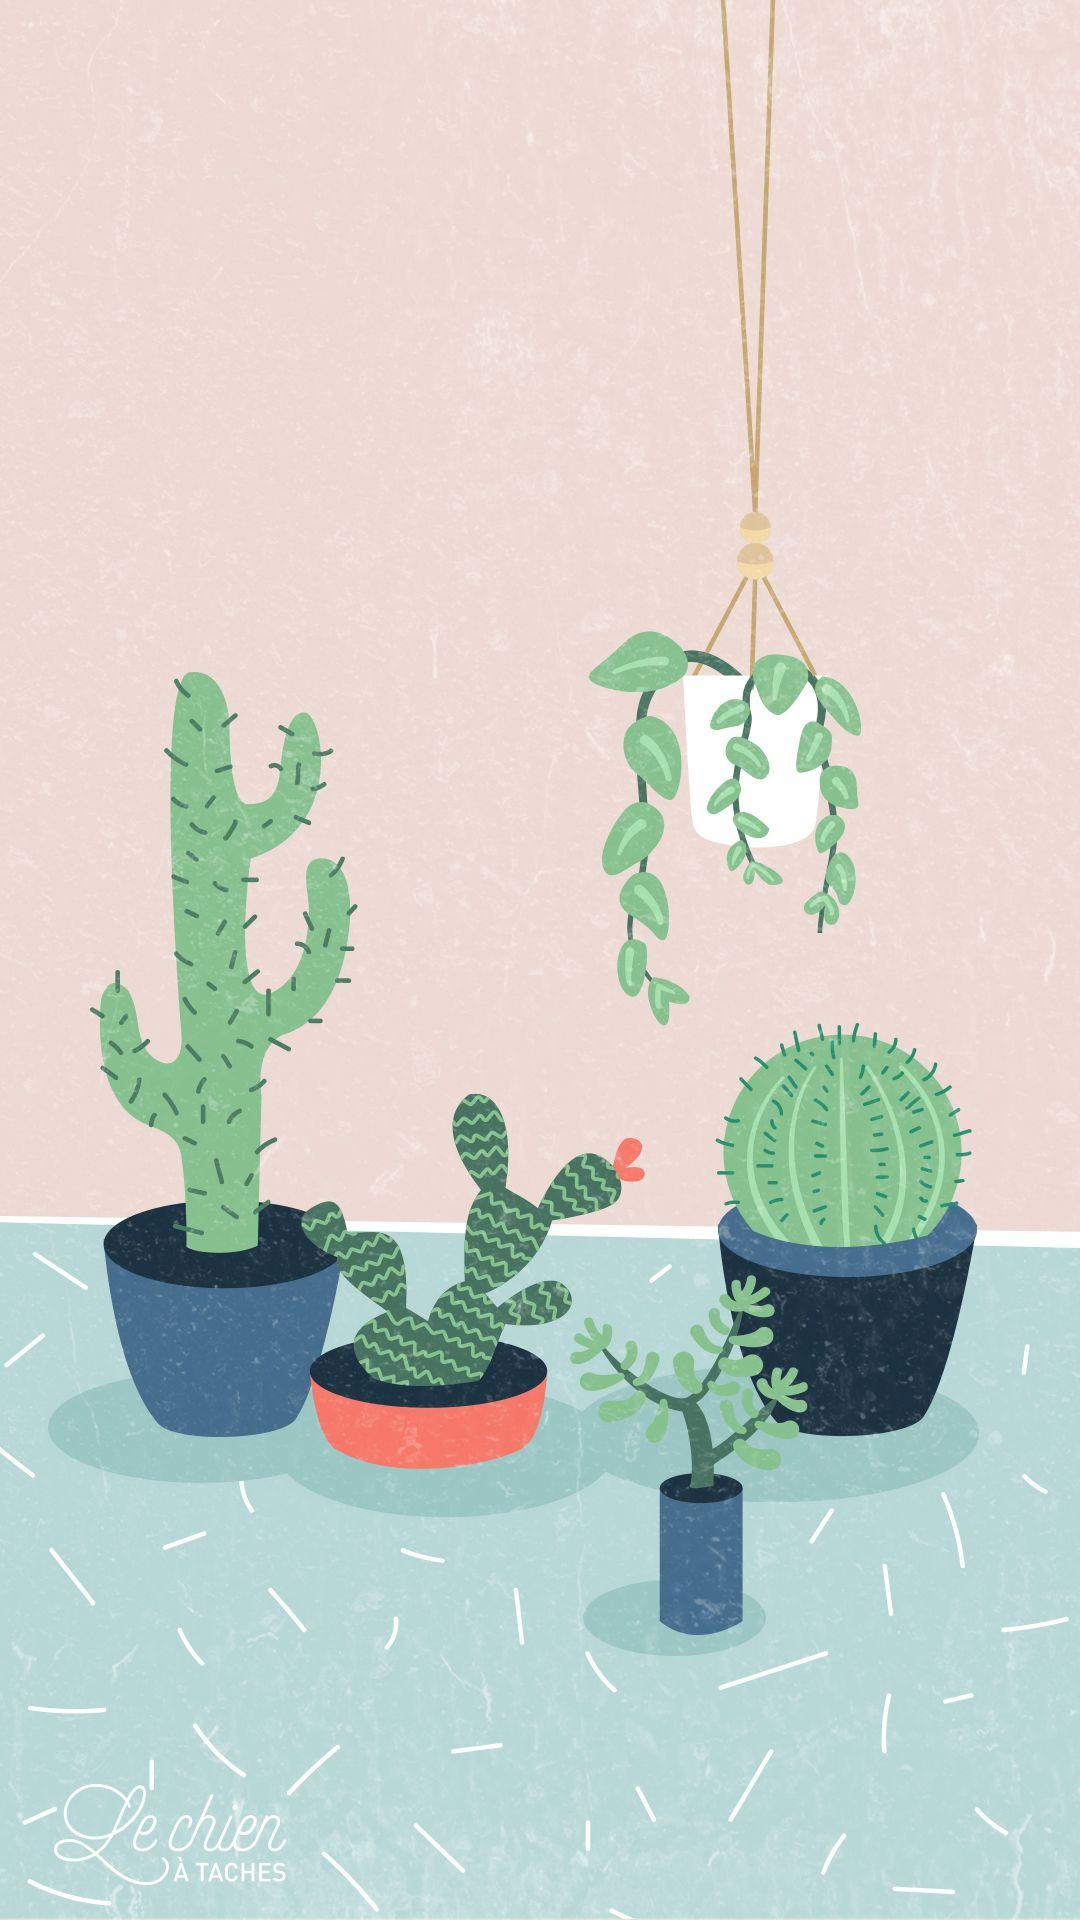 Cute Cactus Wallpapers Wallpaper Cave